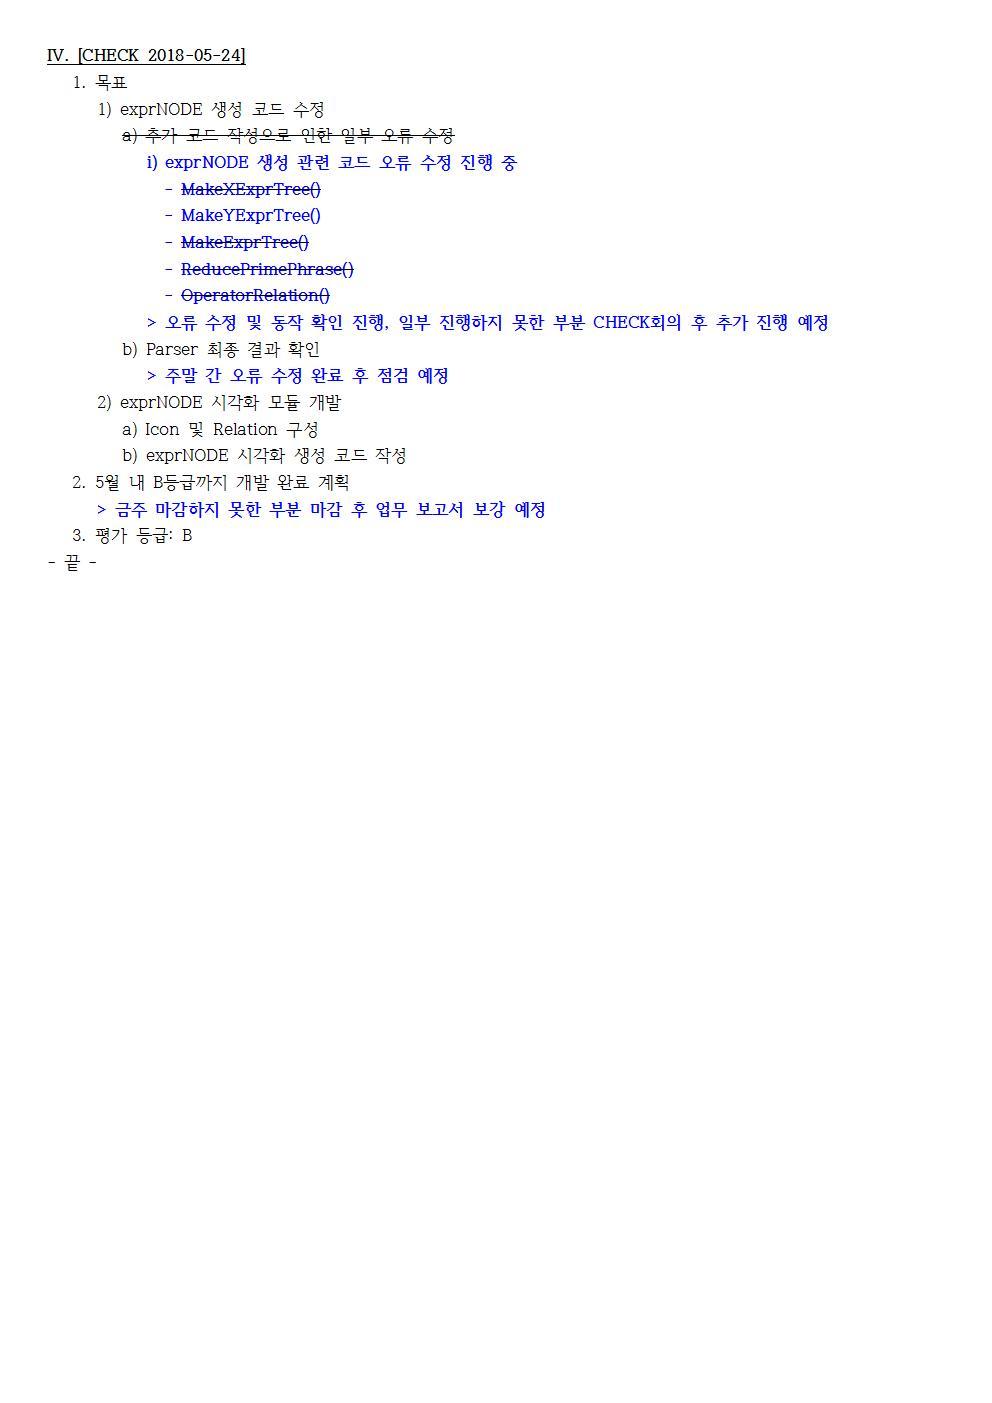 D-[18-003-RD-03]-[SRRE]-[2018-05-25][JS]003.jpg